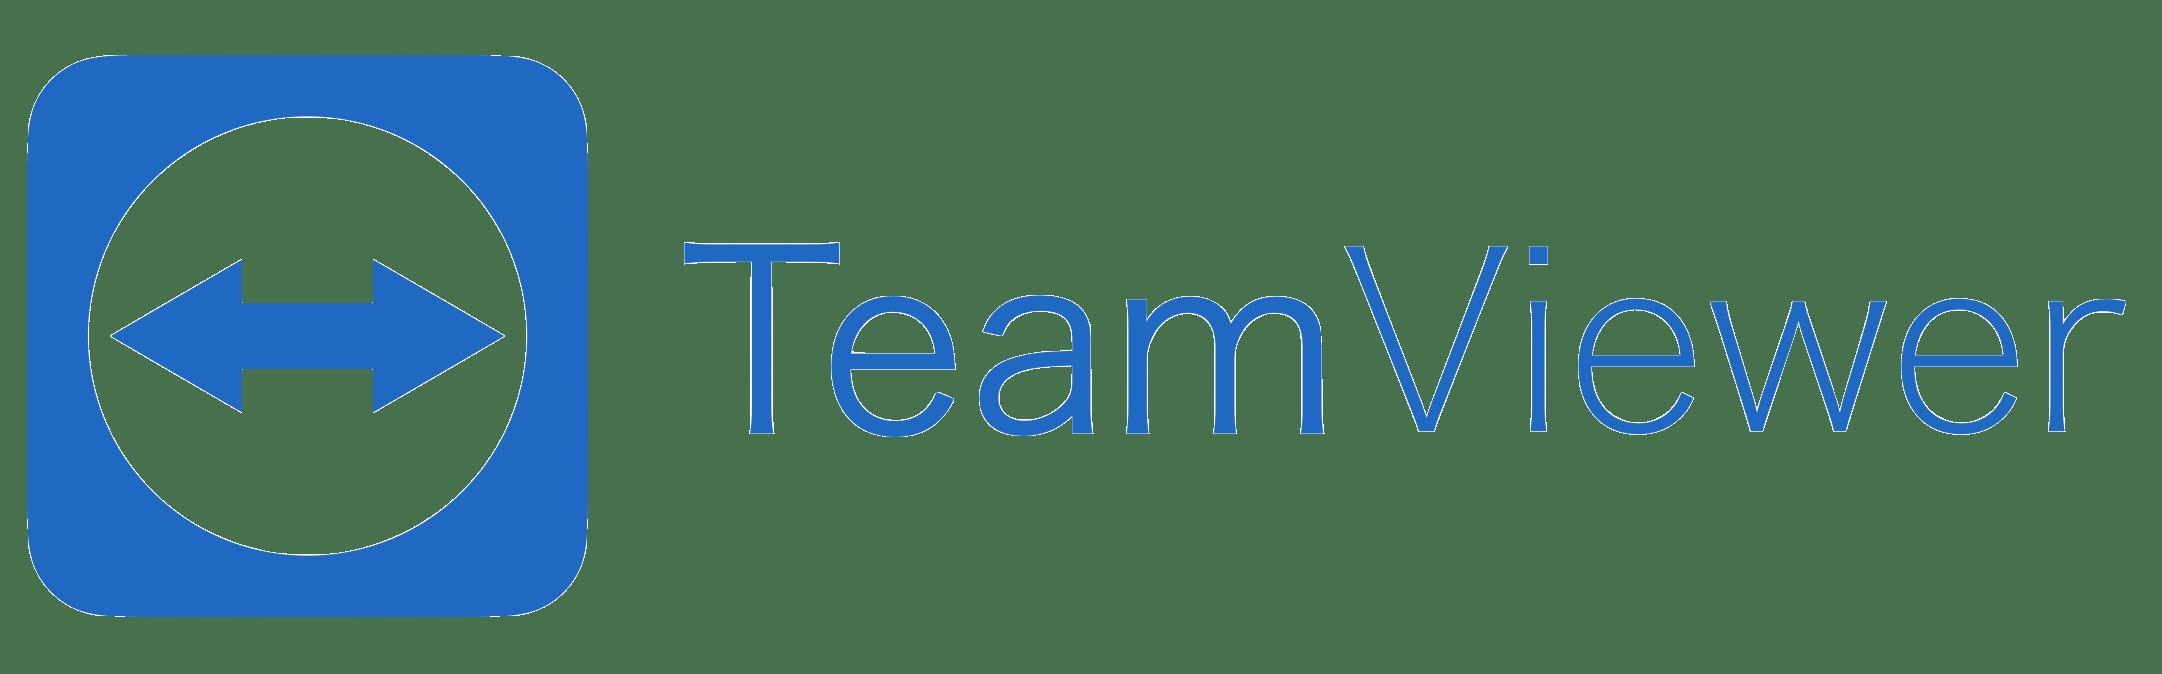 https://i0.wp.com/hypernovalabs.com/wp-content/uploads/2019/03/TeamViewer-logo.png?fit=2162%2C674&ssl=1